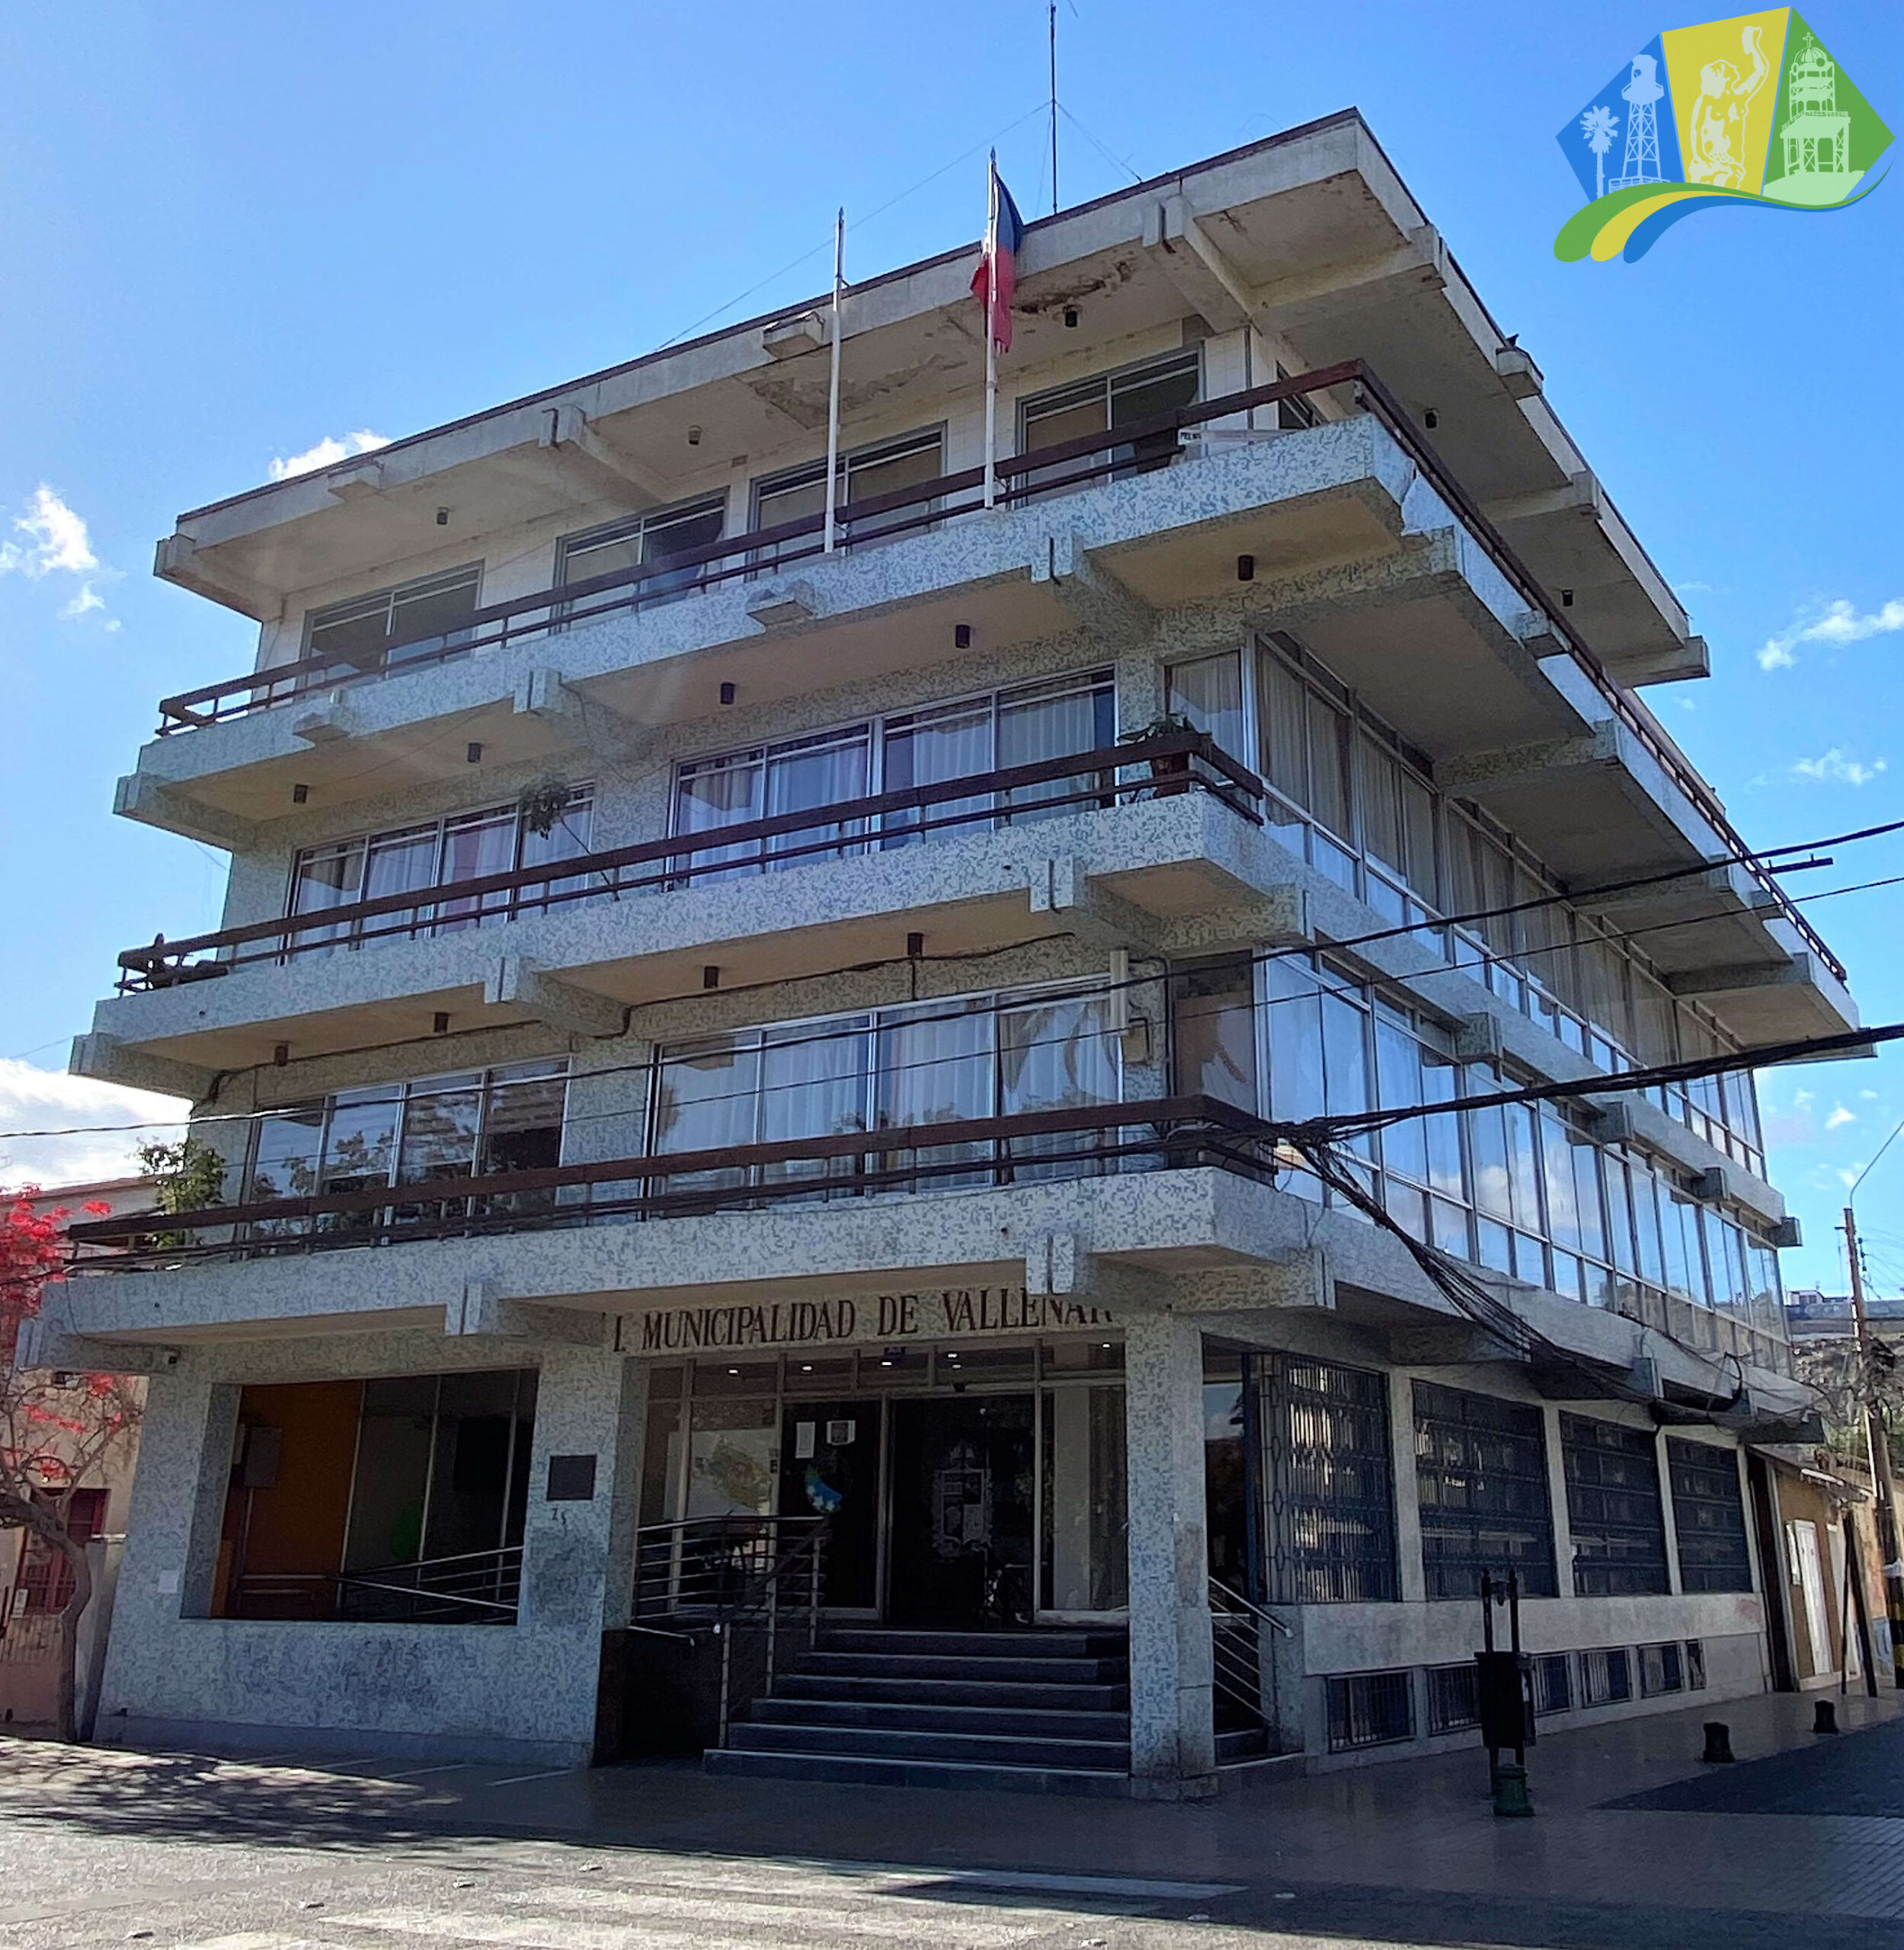 Municipio de Vallenar: Interpondrán querella por eventual delito de malversación de caudales públicos